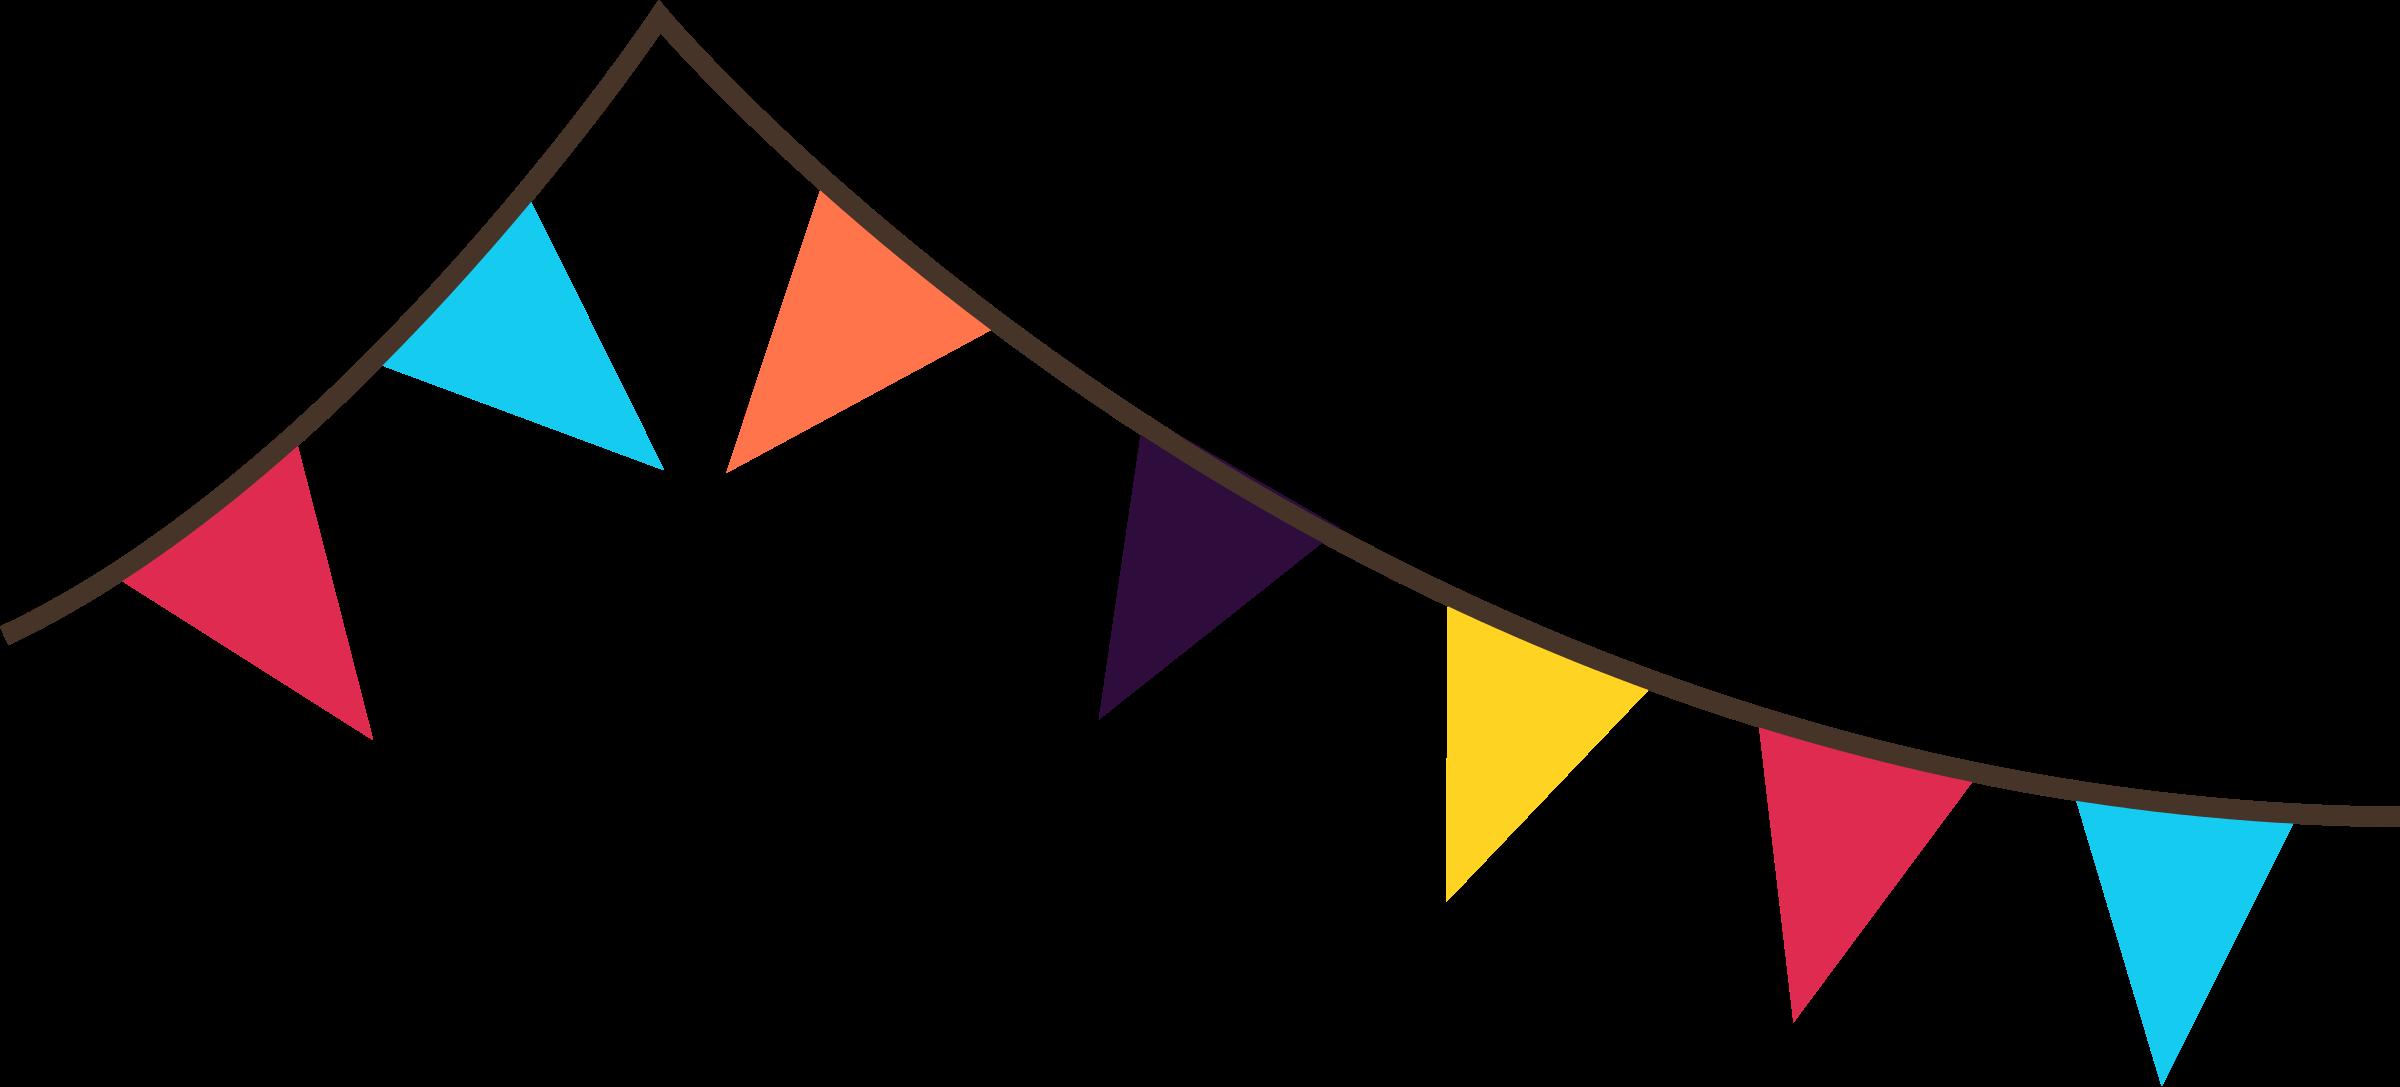 Flag pennant clipart.